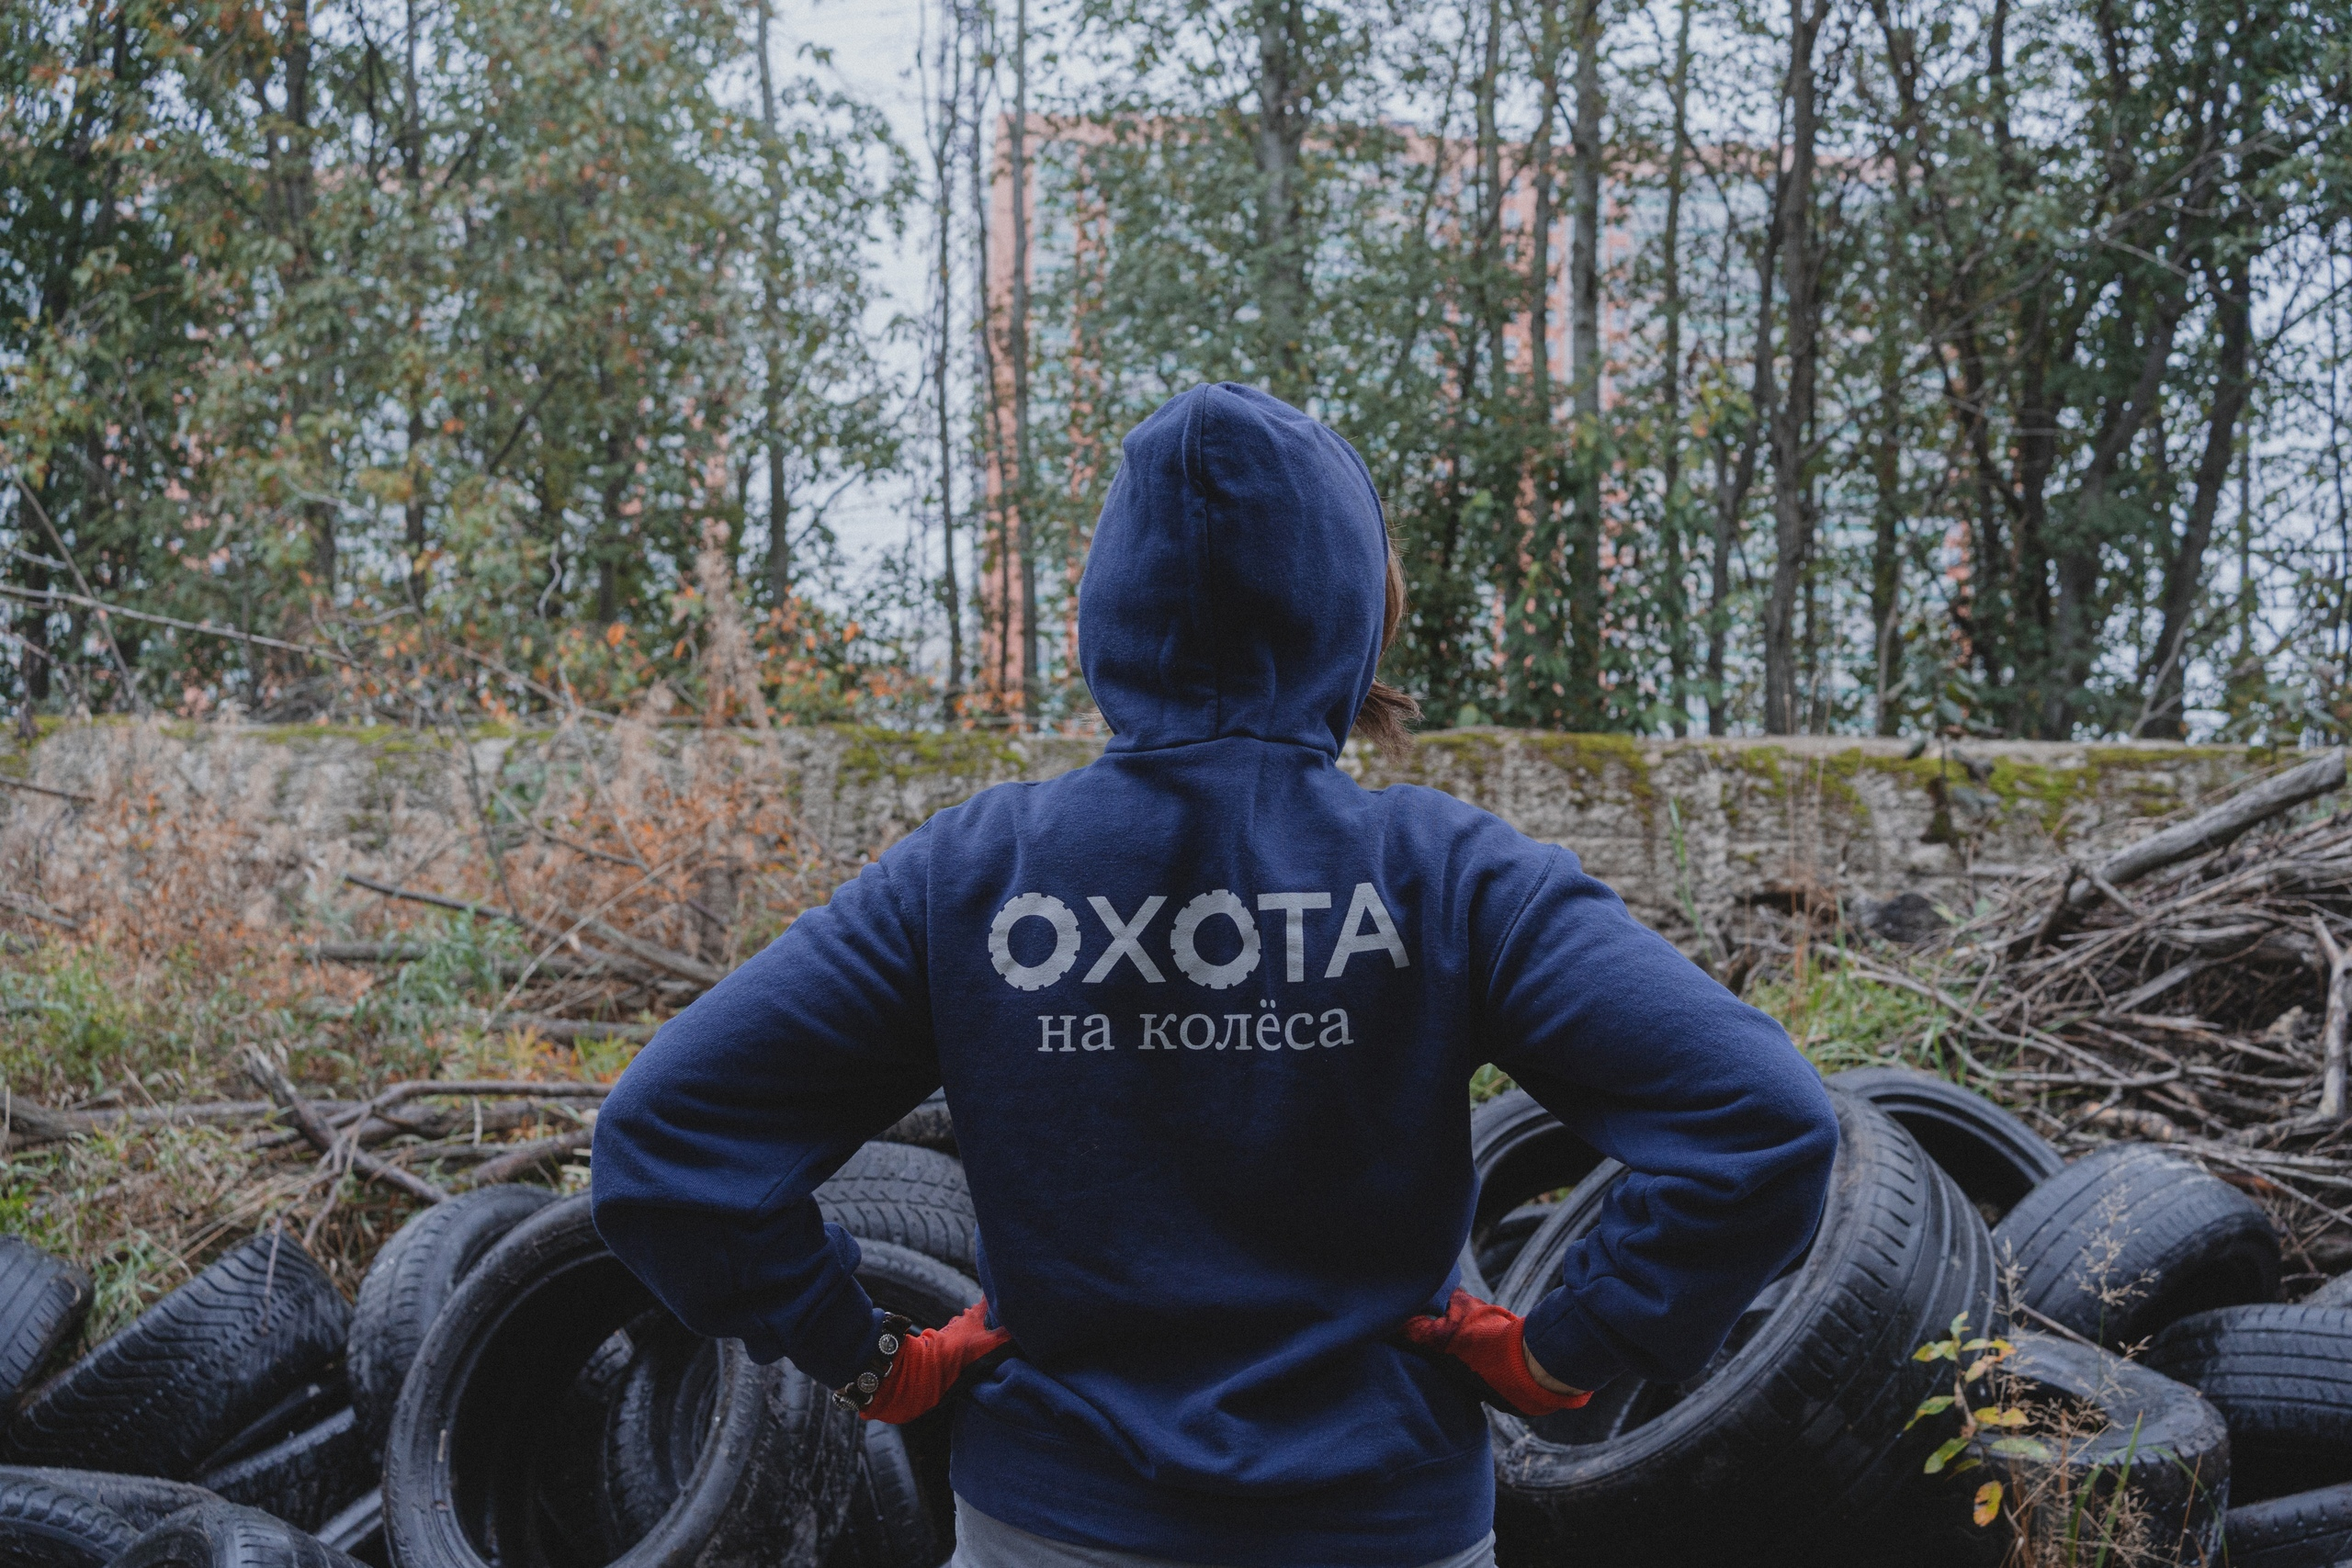 В Петербурге и Ленинградской области стартовал сезон экоквеста «Охоты на колёса»